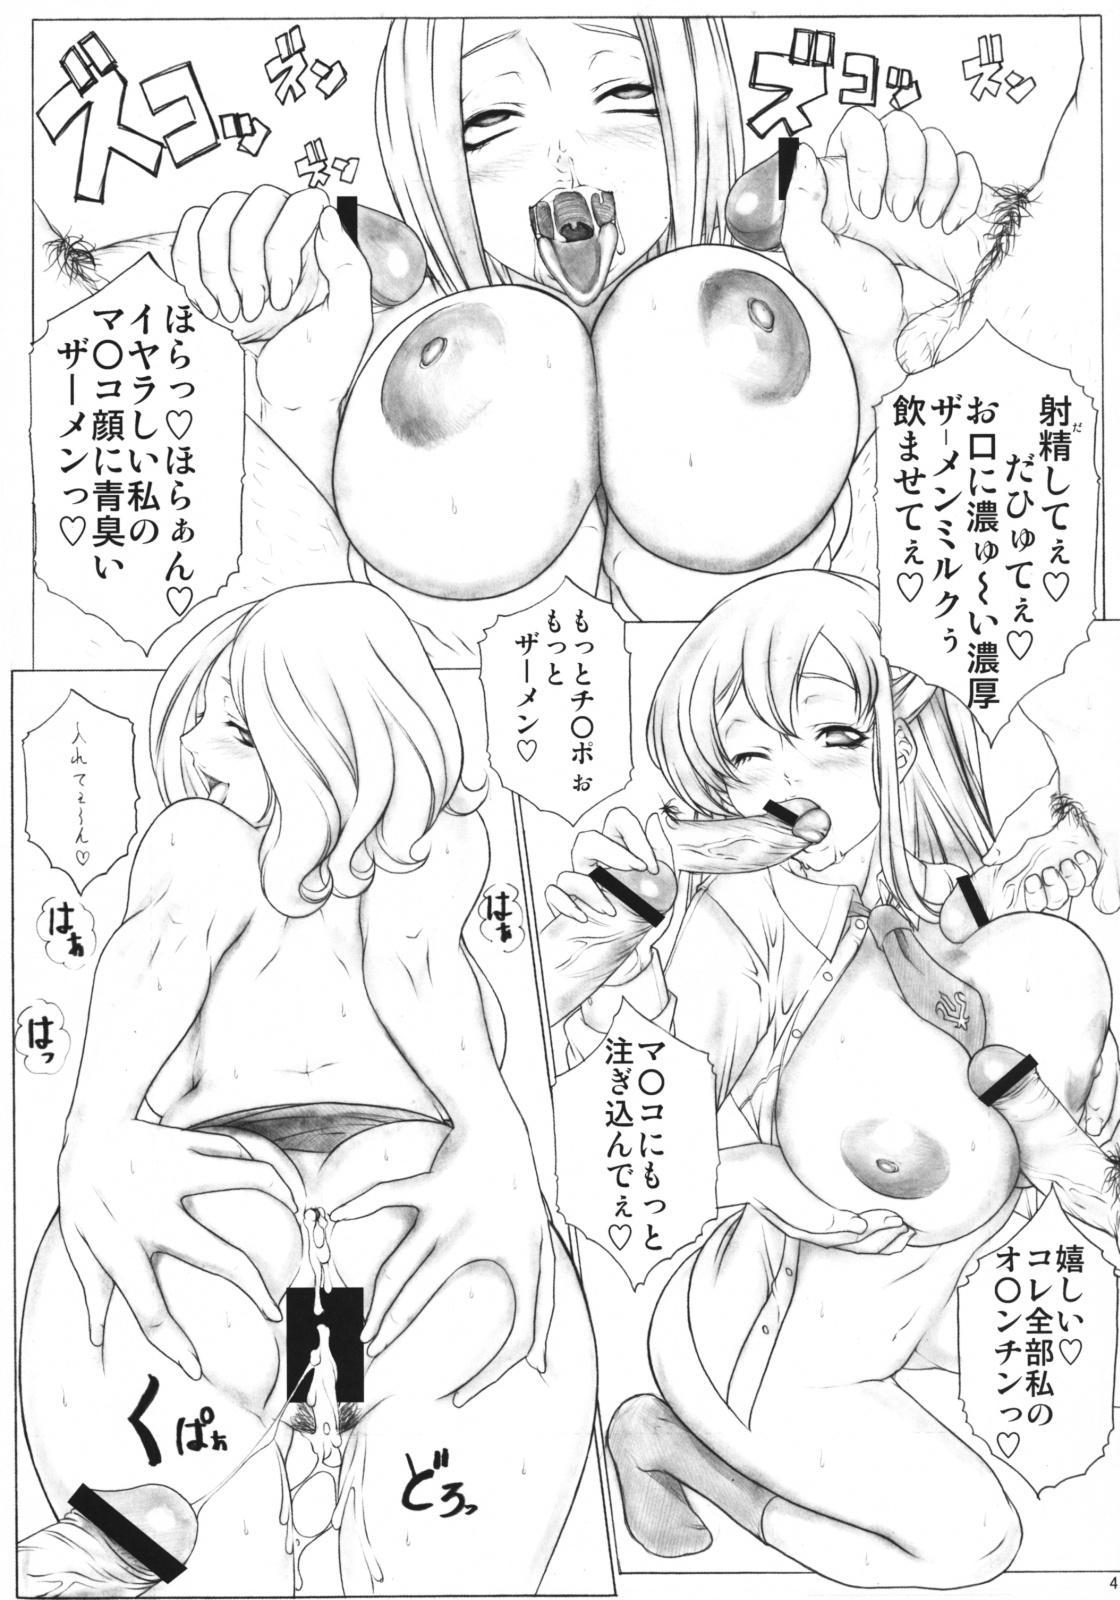 Angel's Stroke 6 - Shinsouban 41